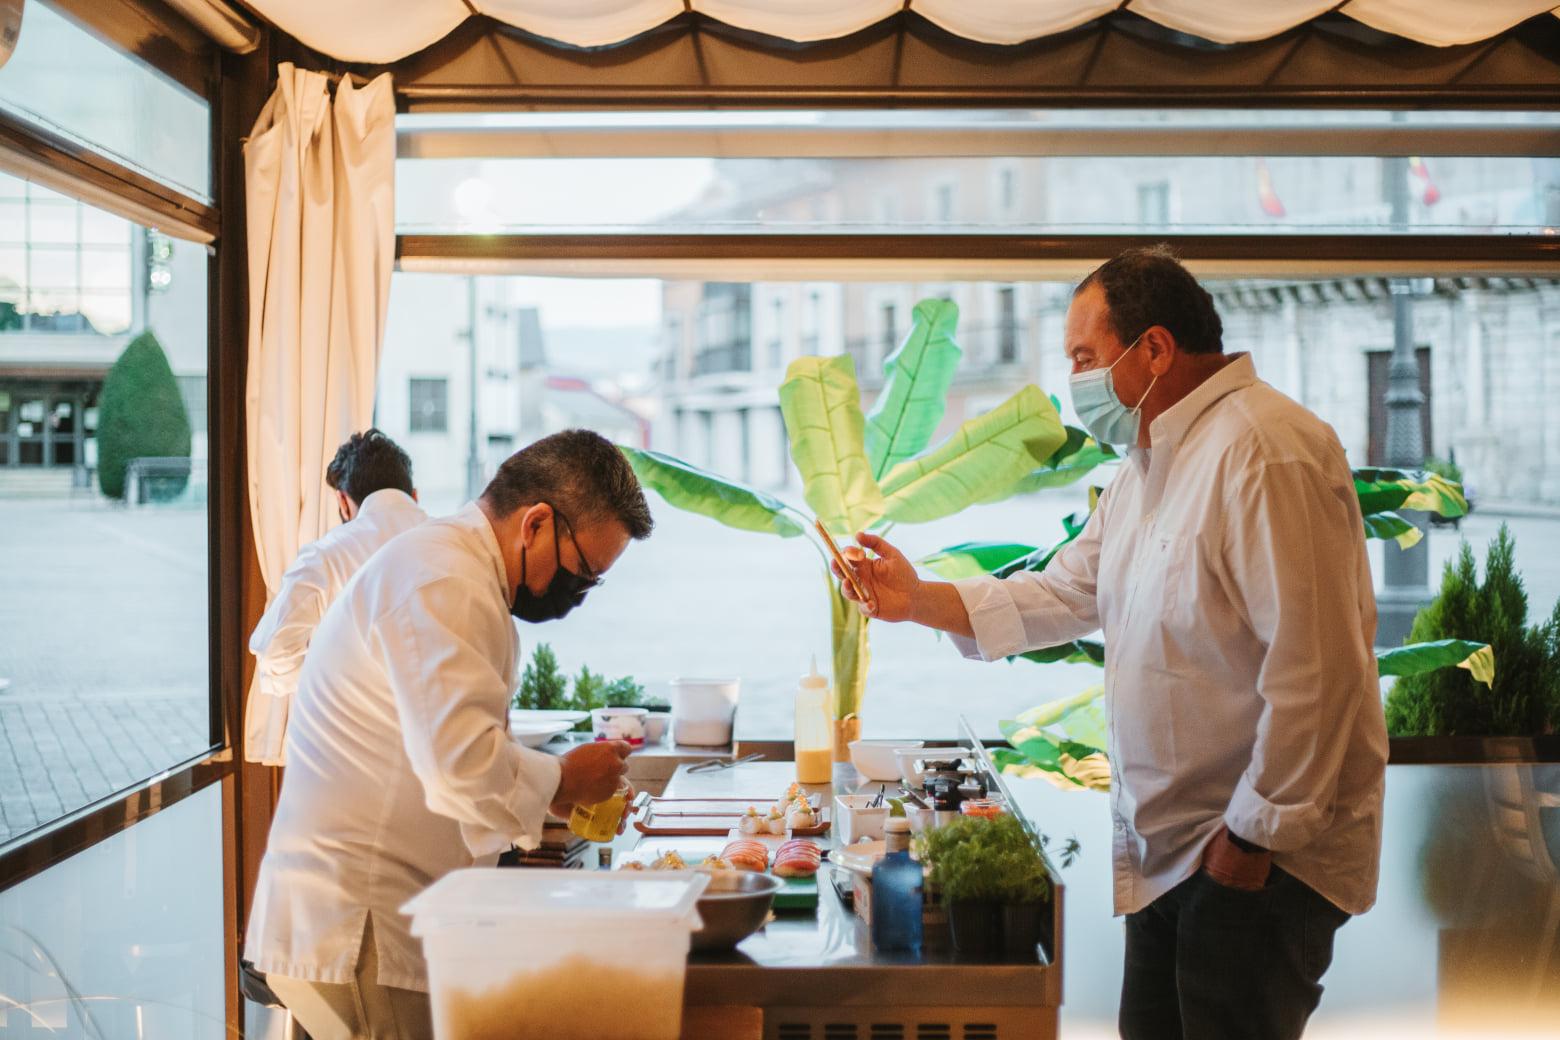 La noche de cocina Nikkei en el restaurante La Violeta, un evento culinario de primer nivel 36